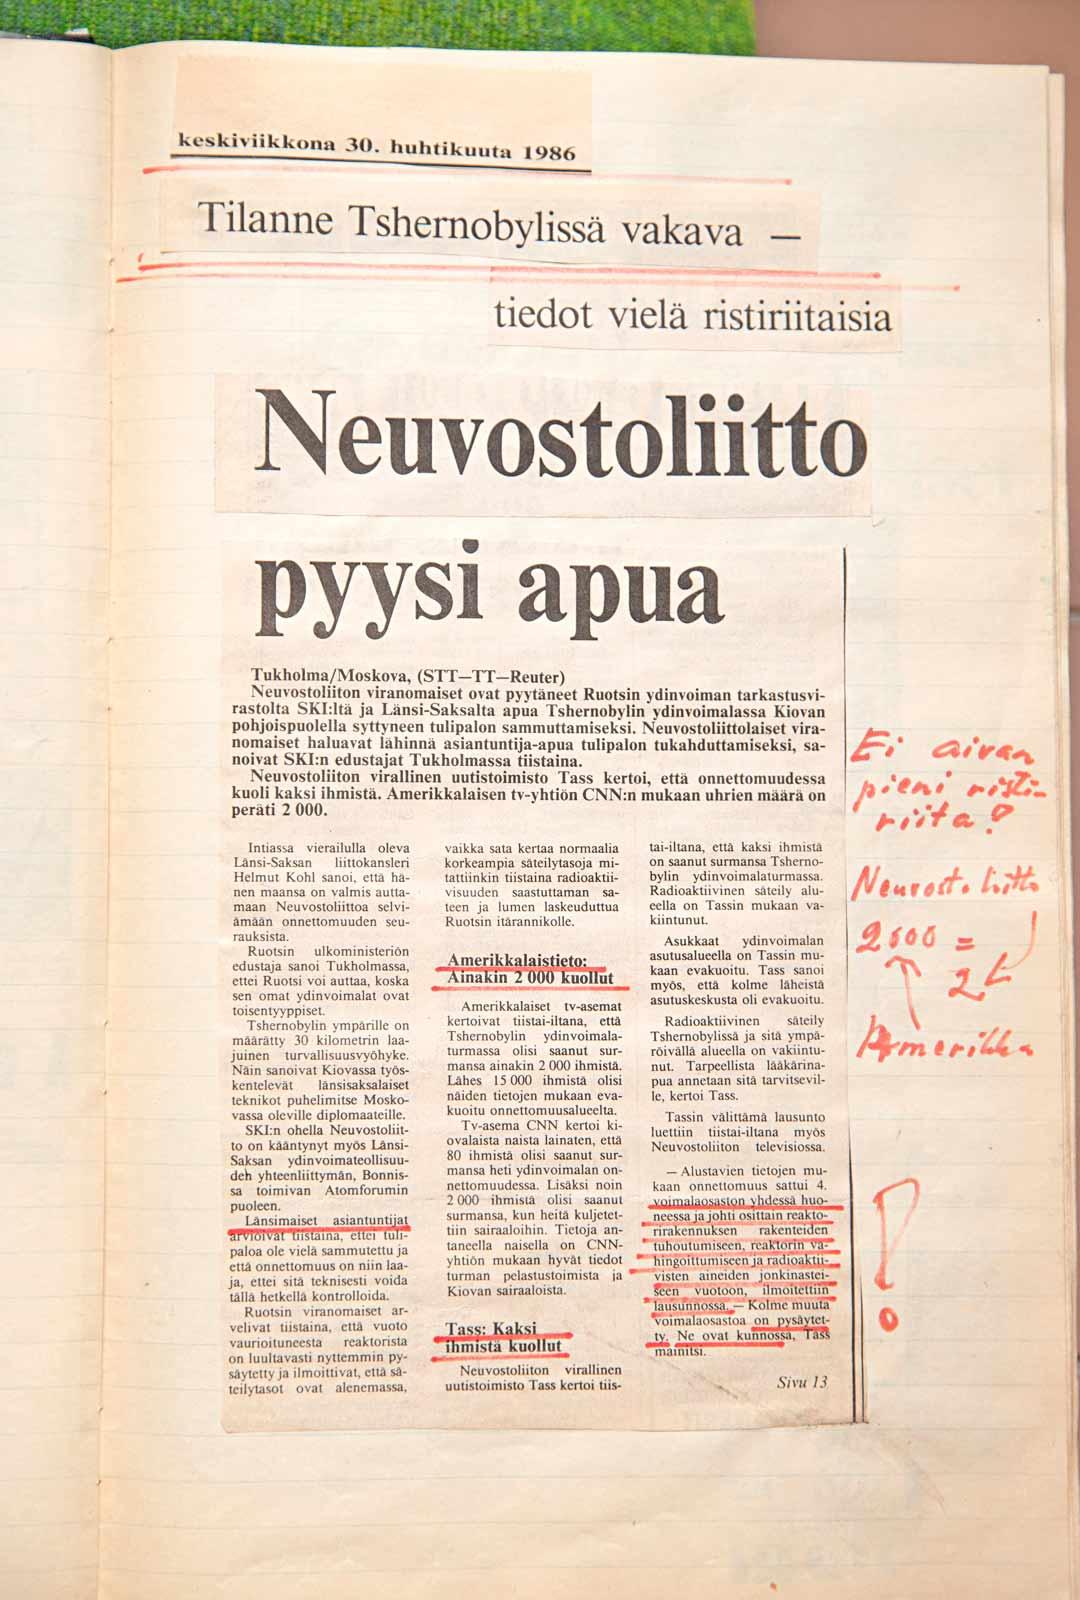 """""""Ei aivan pieni ristiriita!"""", on Pekka Pajulan äiti kirjannut lehtileikkeen reunaan, kun neuvostoliittolaisen uutistoimisto TASSin ensitietojen mukaan kuolleita oli kaksi, mutta yhdysvaltalaisen CNN:n mukaan 2 000."""